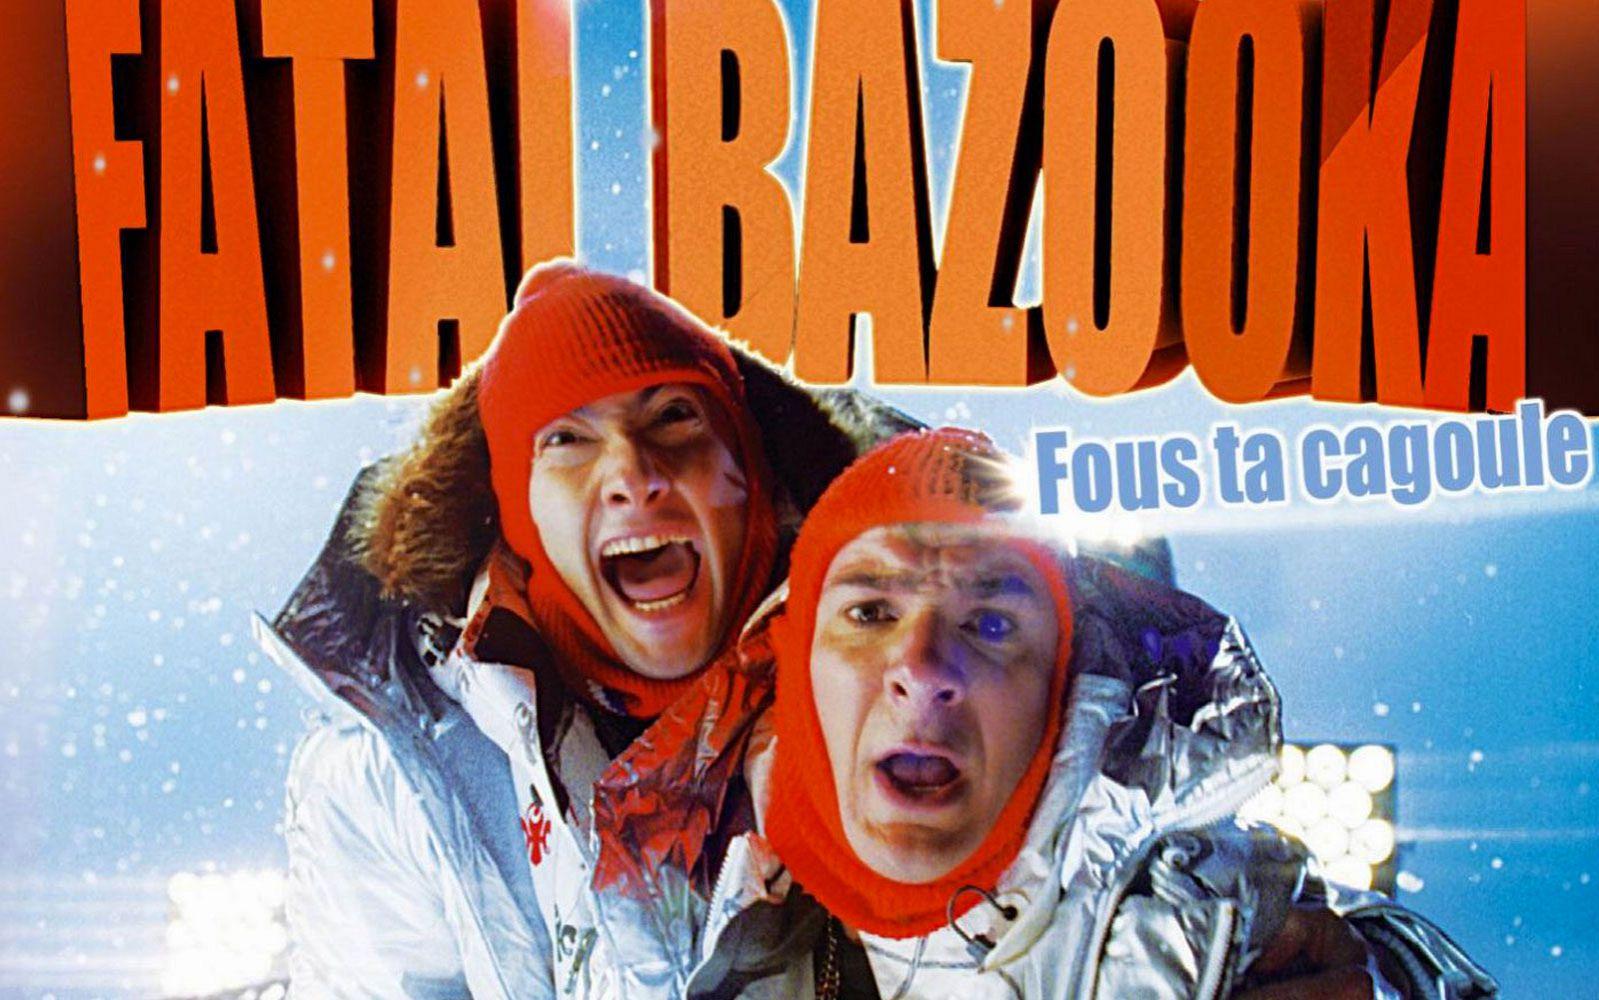 fatal bazooka fou ta cagoule mp3